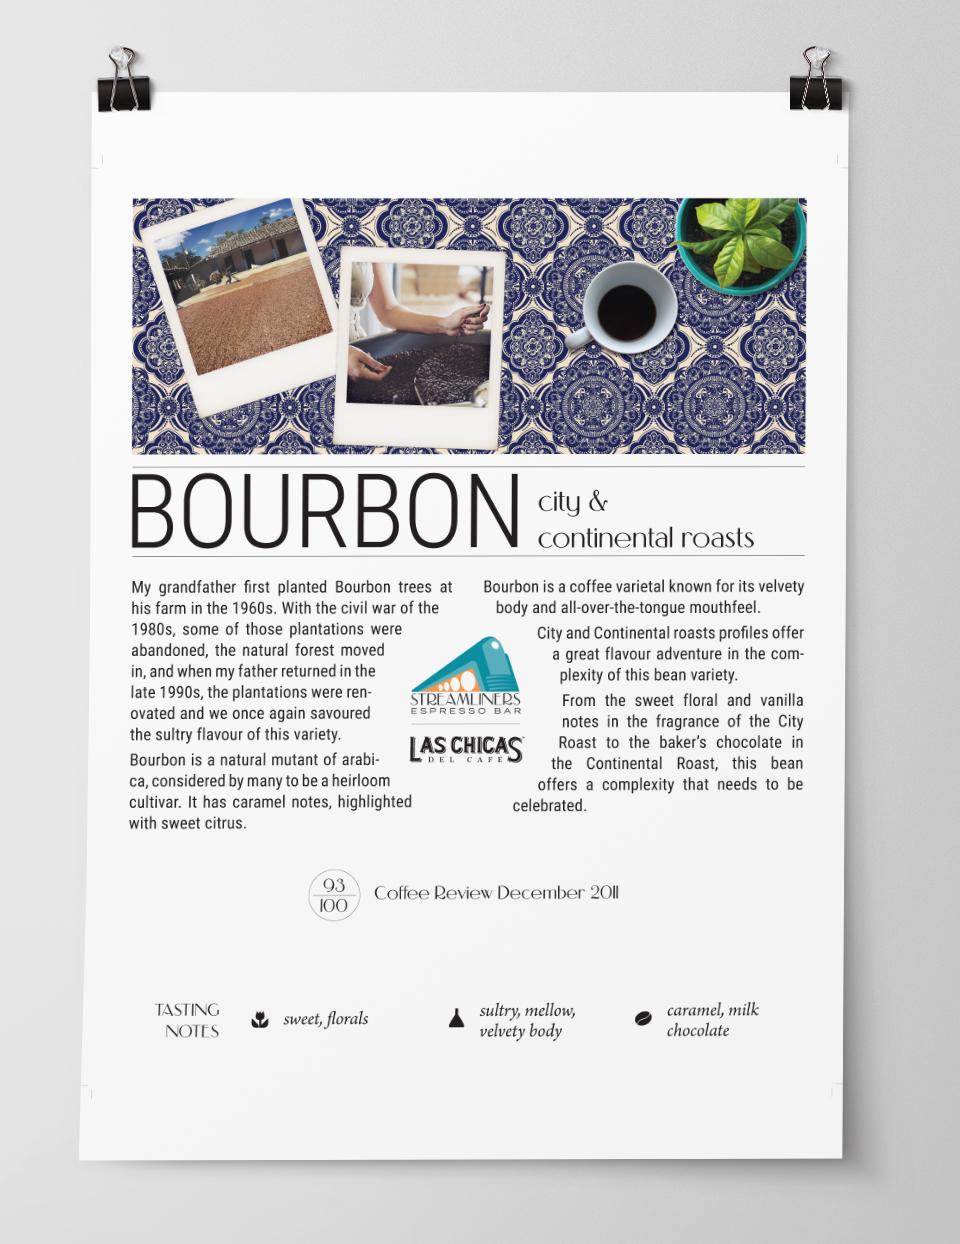 Coffee Bean Profile Poster Design 1